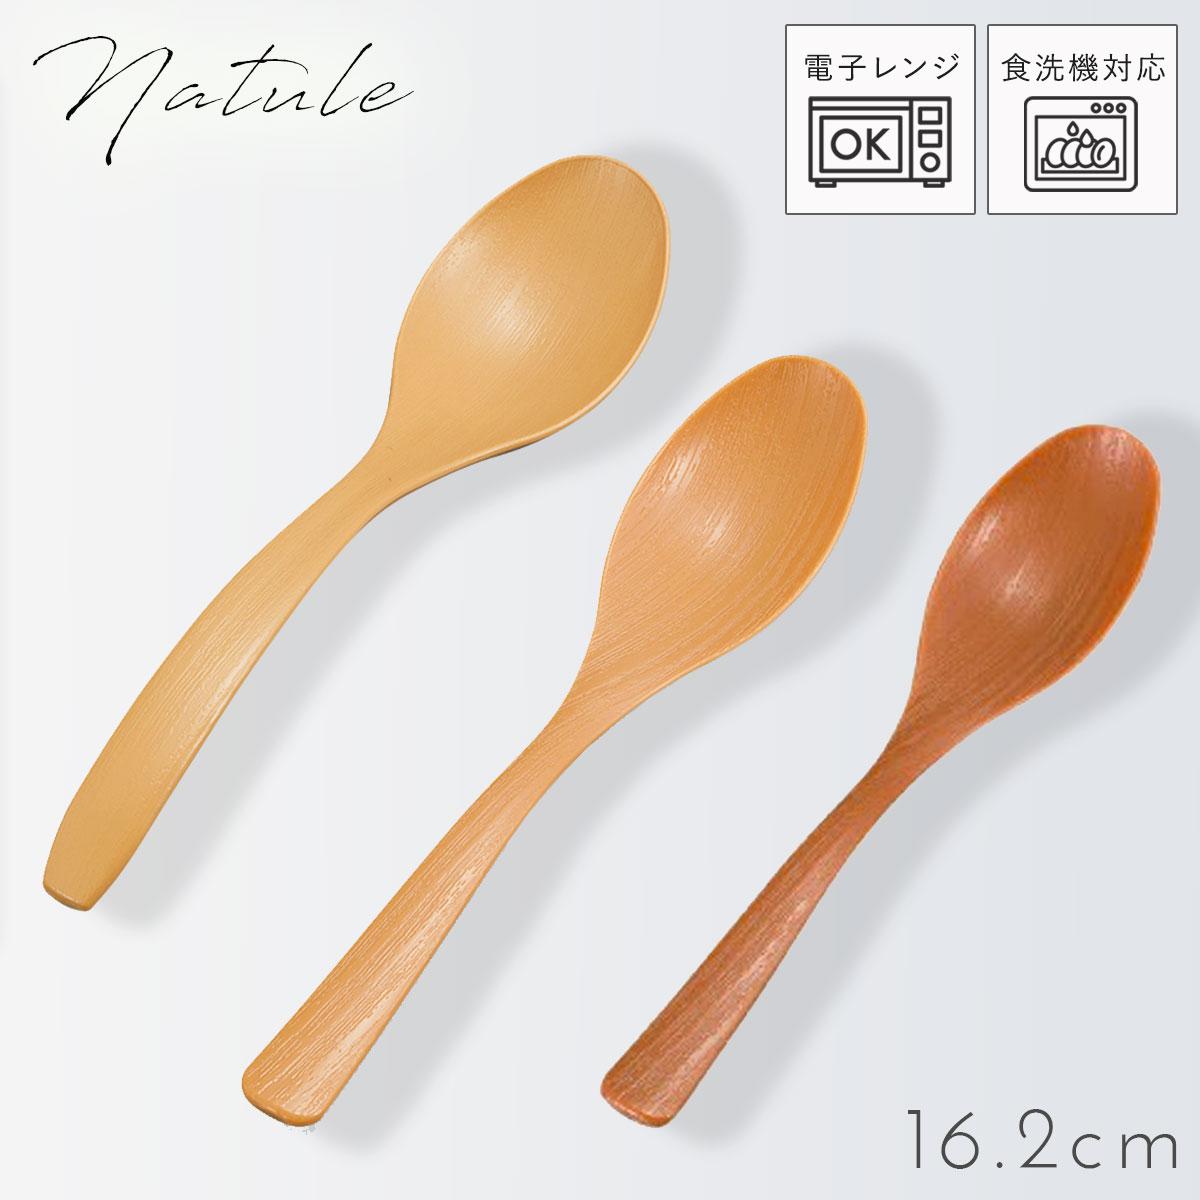 スプーン 木目 ナチュラル 日本製 プラスチック 食洗機対応 食洗器対応 Natule 木目スプーン ナチュール